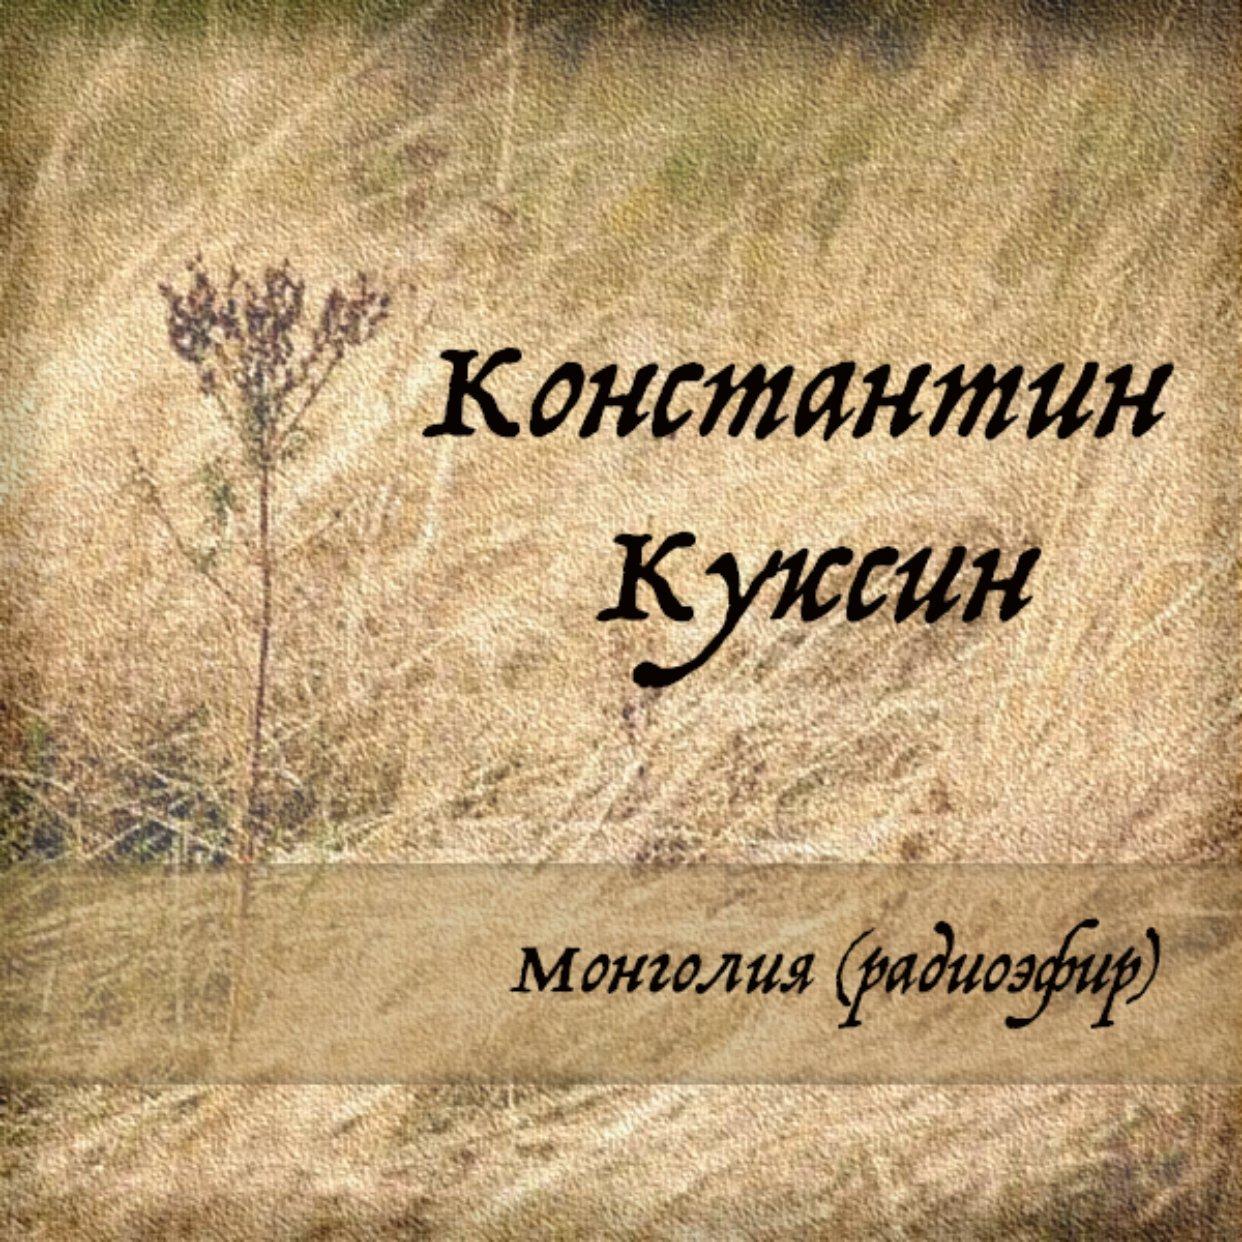 Монголия (радиоэфир)